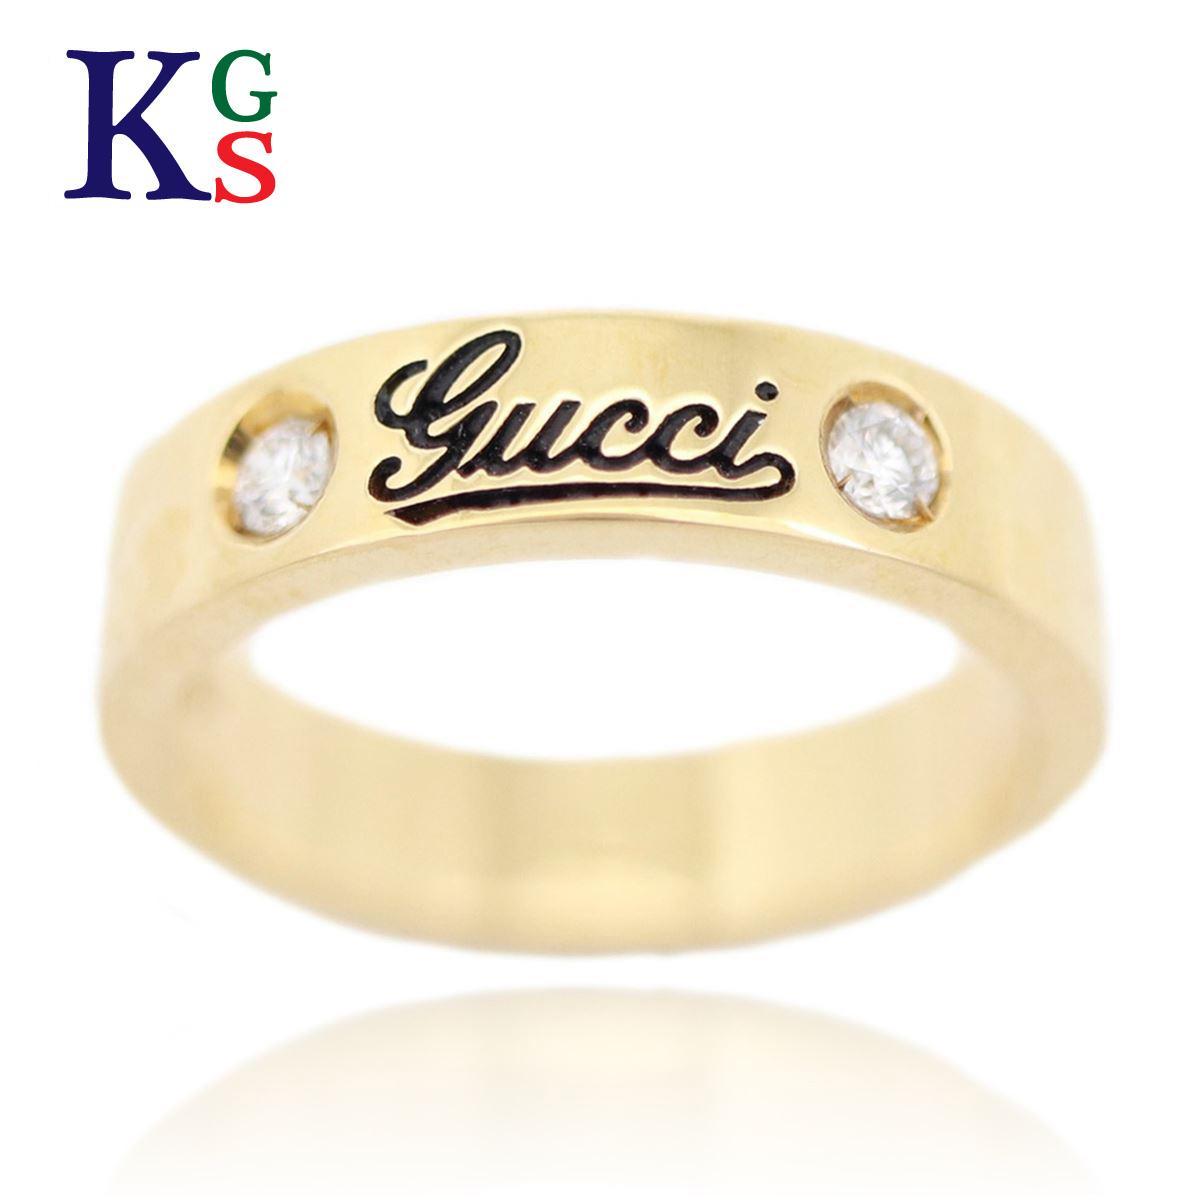 【ギフト品質】【名入れ】グッチ/GUCCI レディース ジュエリー ロゴ リング 2Pダイヤ 指輪 イエローゴールド K18YG